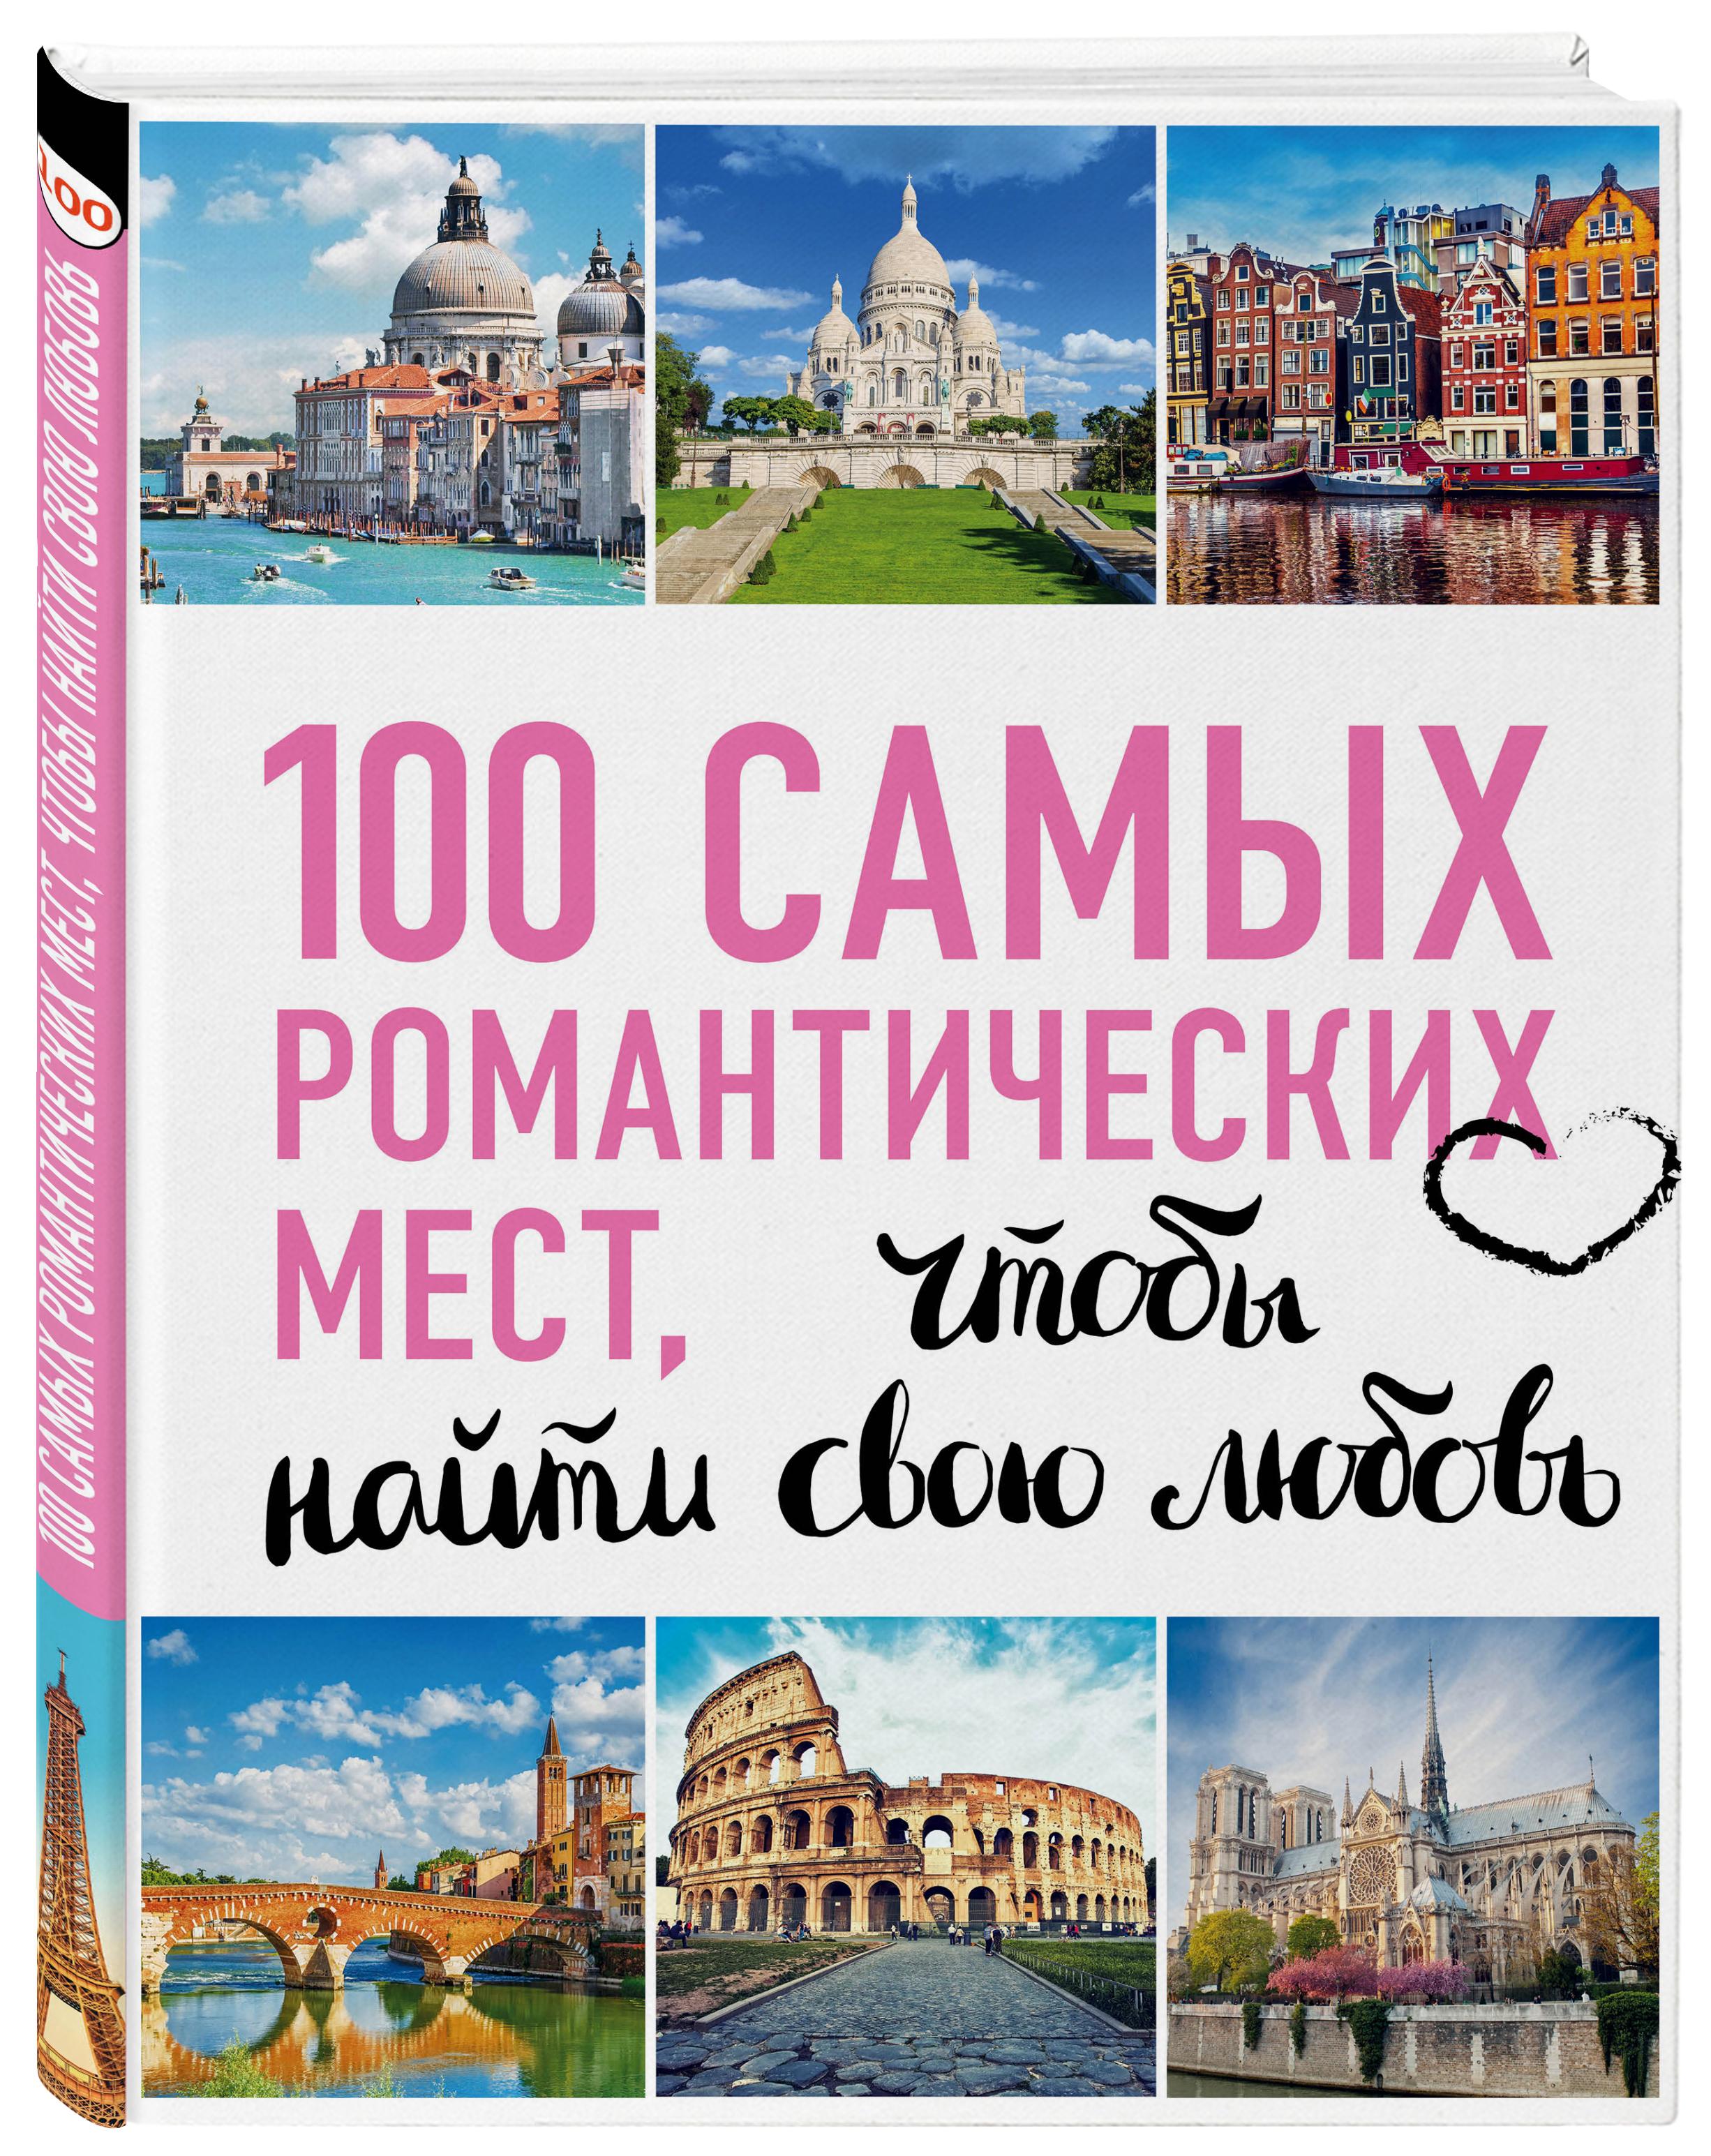 100 самых романтических мест мира, чтобы найти свою любовь. 2-е изд. испр. и доп. (нов. оф. серии) цена